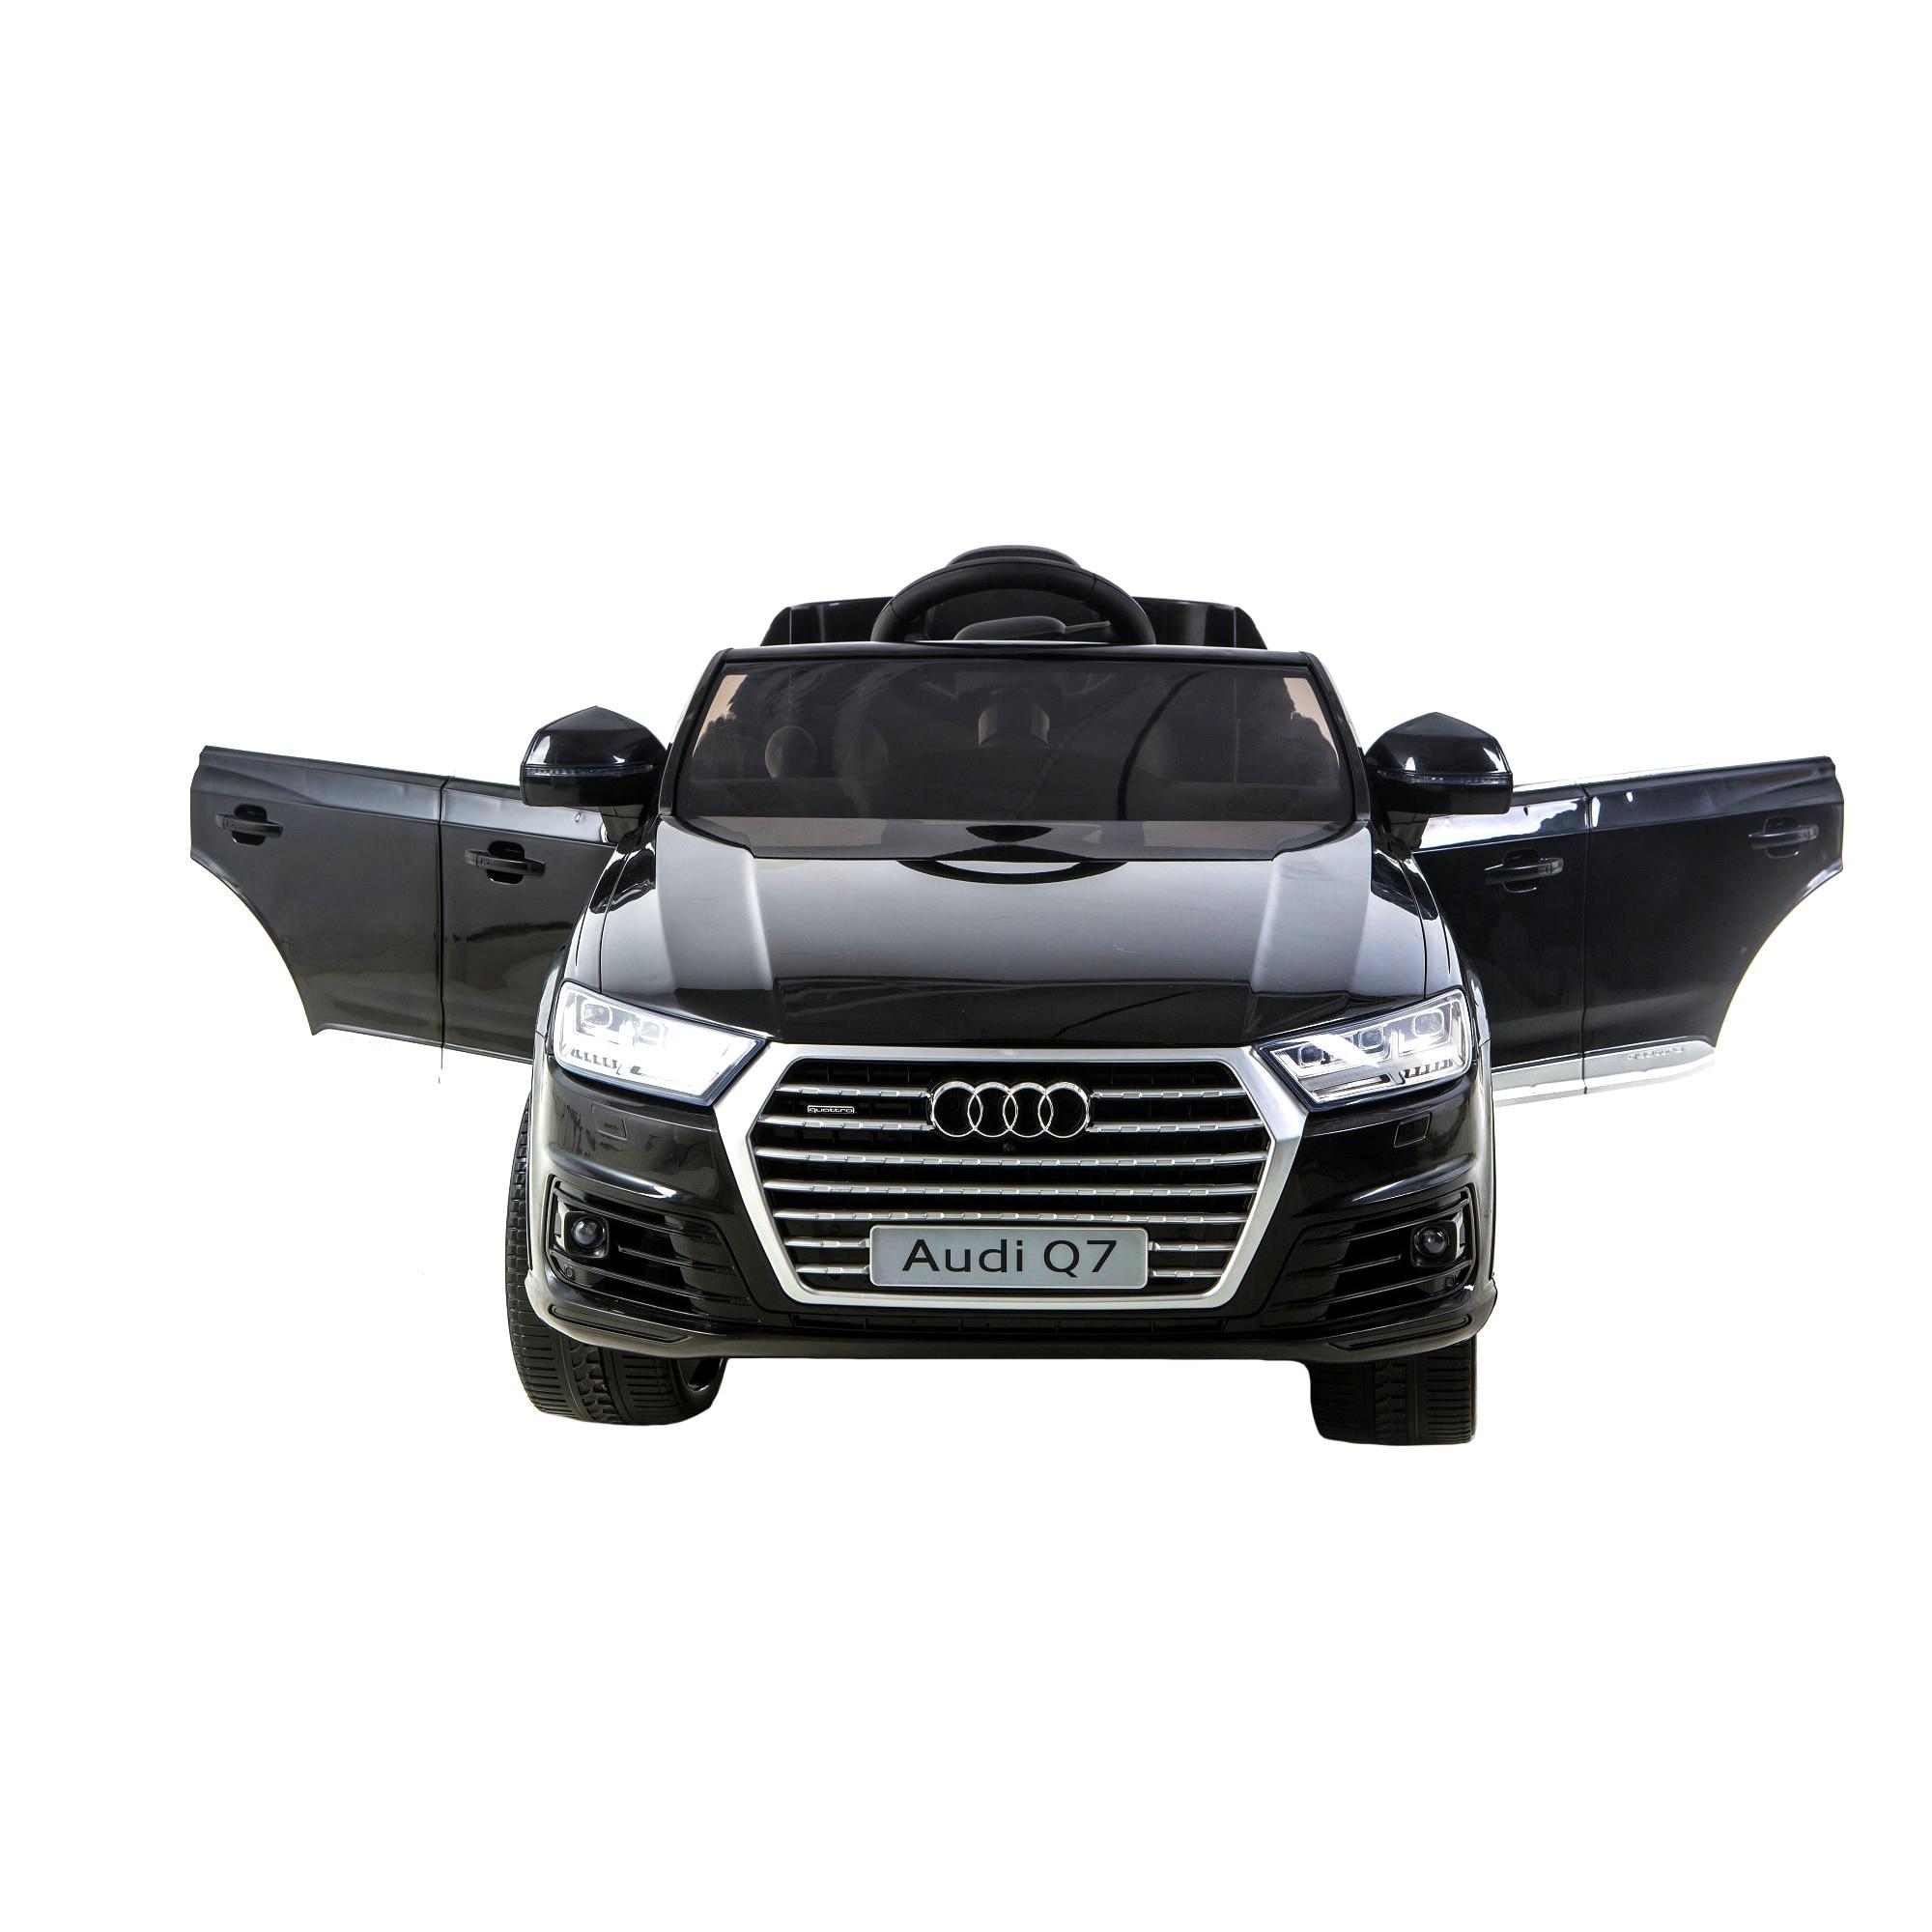 Fotografie Masinuta electrica cu telecomanda pentru copii, Mappy, Audi Q7, Negru